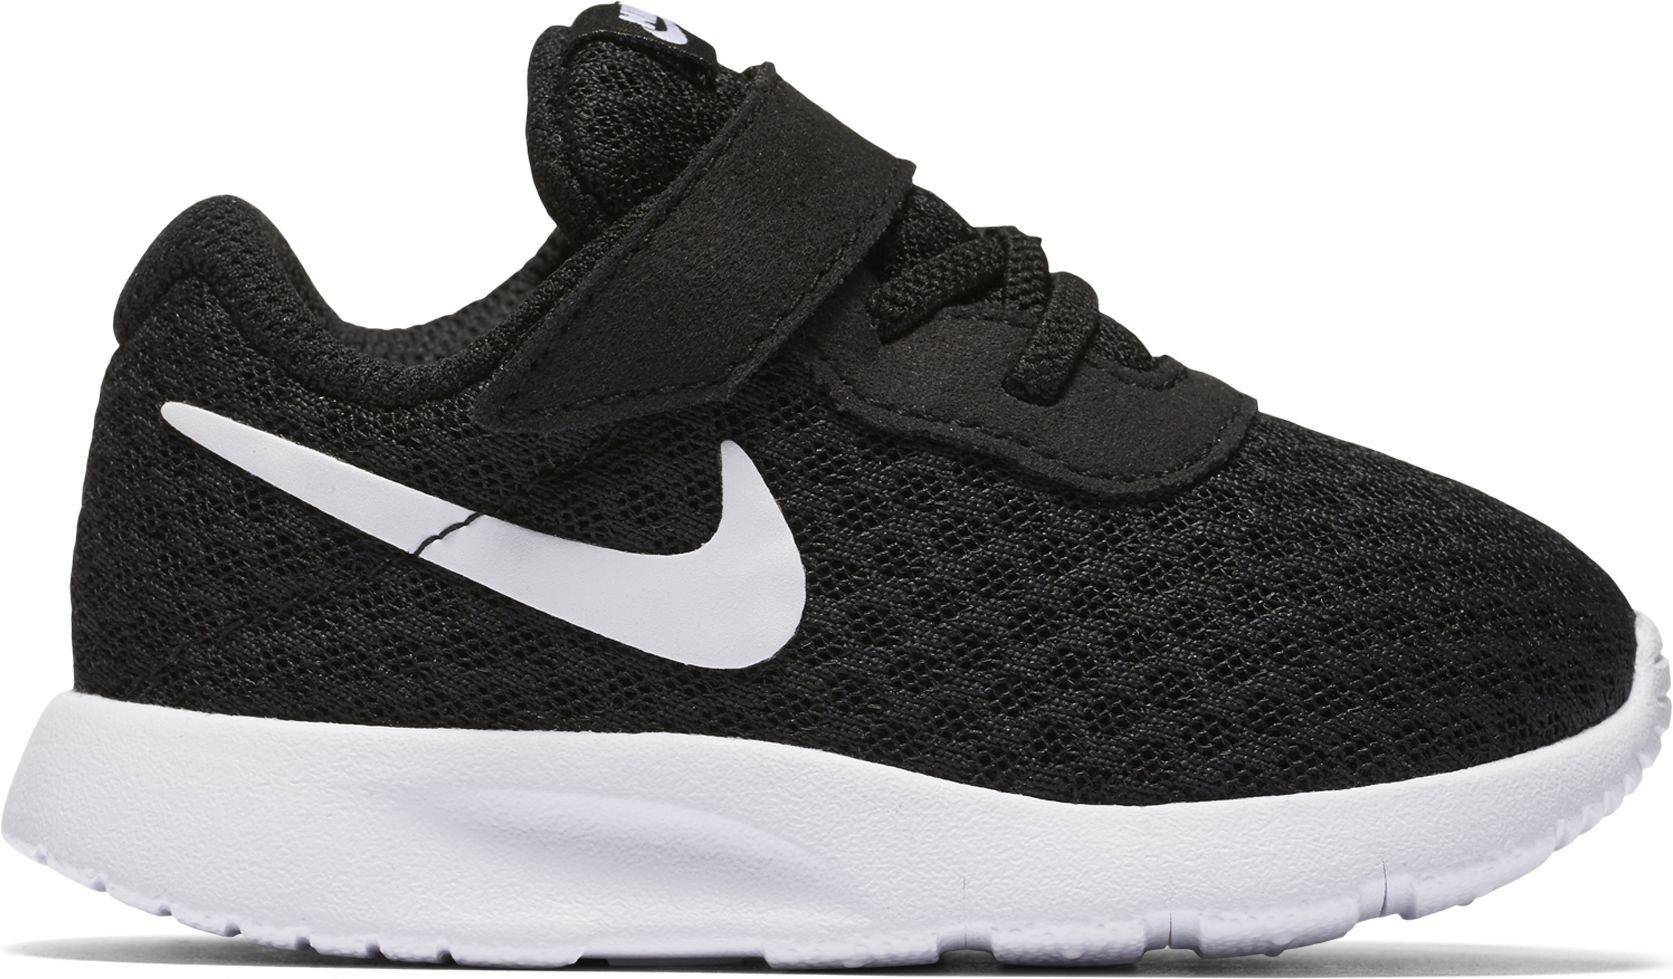 NIKE Boy's Tanjun (TDV) Running Shoes (10 M US Toddler, Black/White-White) by Nike